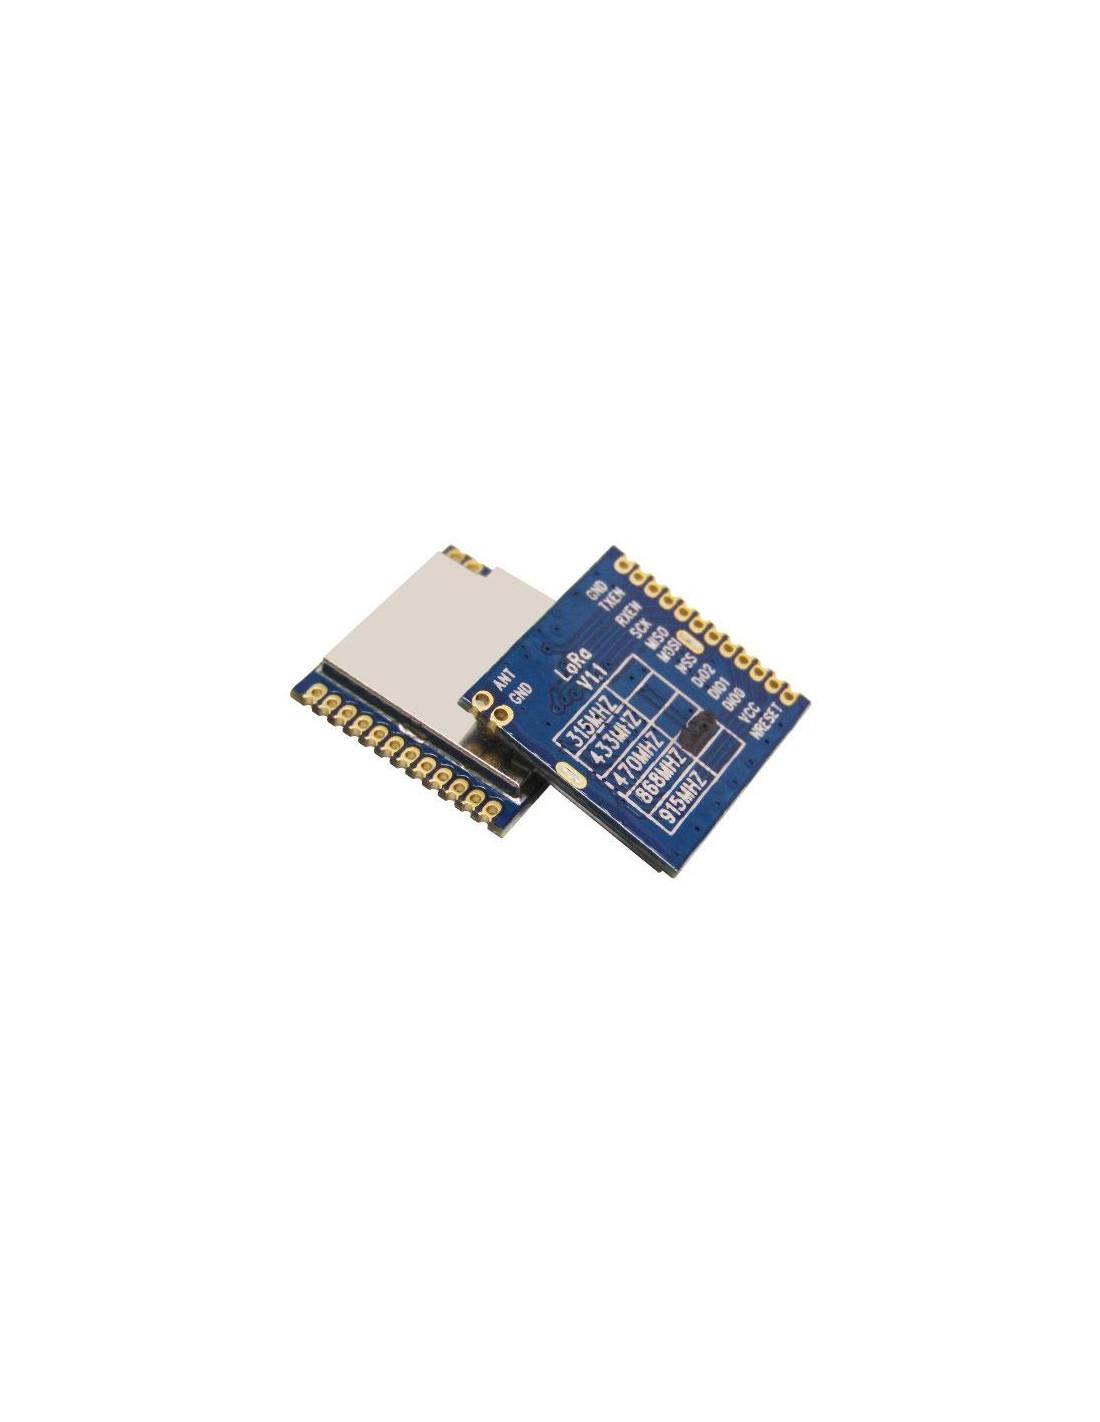 LoRa Module 915MHz 100mW sx1276 chip long range 4Km RF Wireless LoRa1276